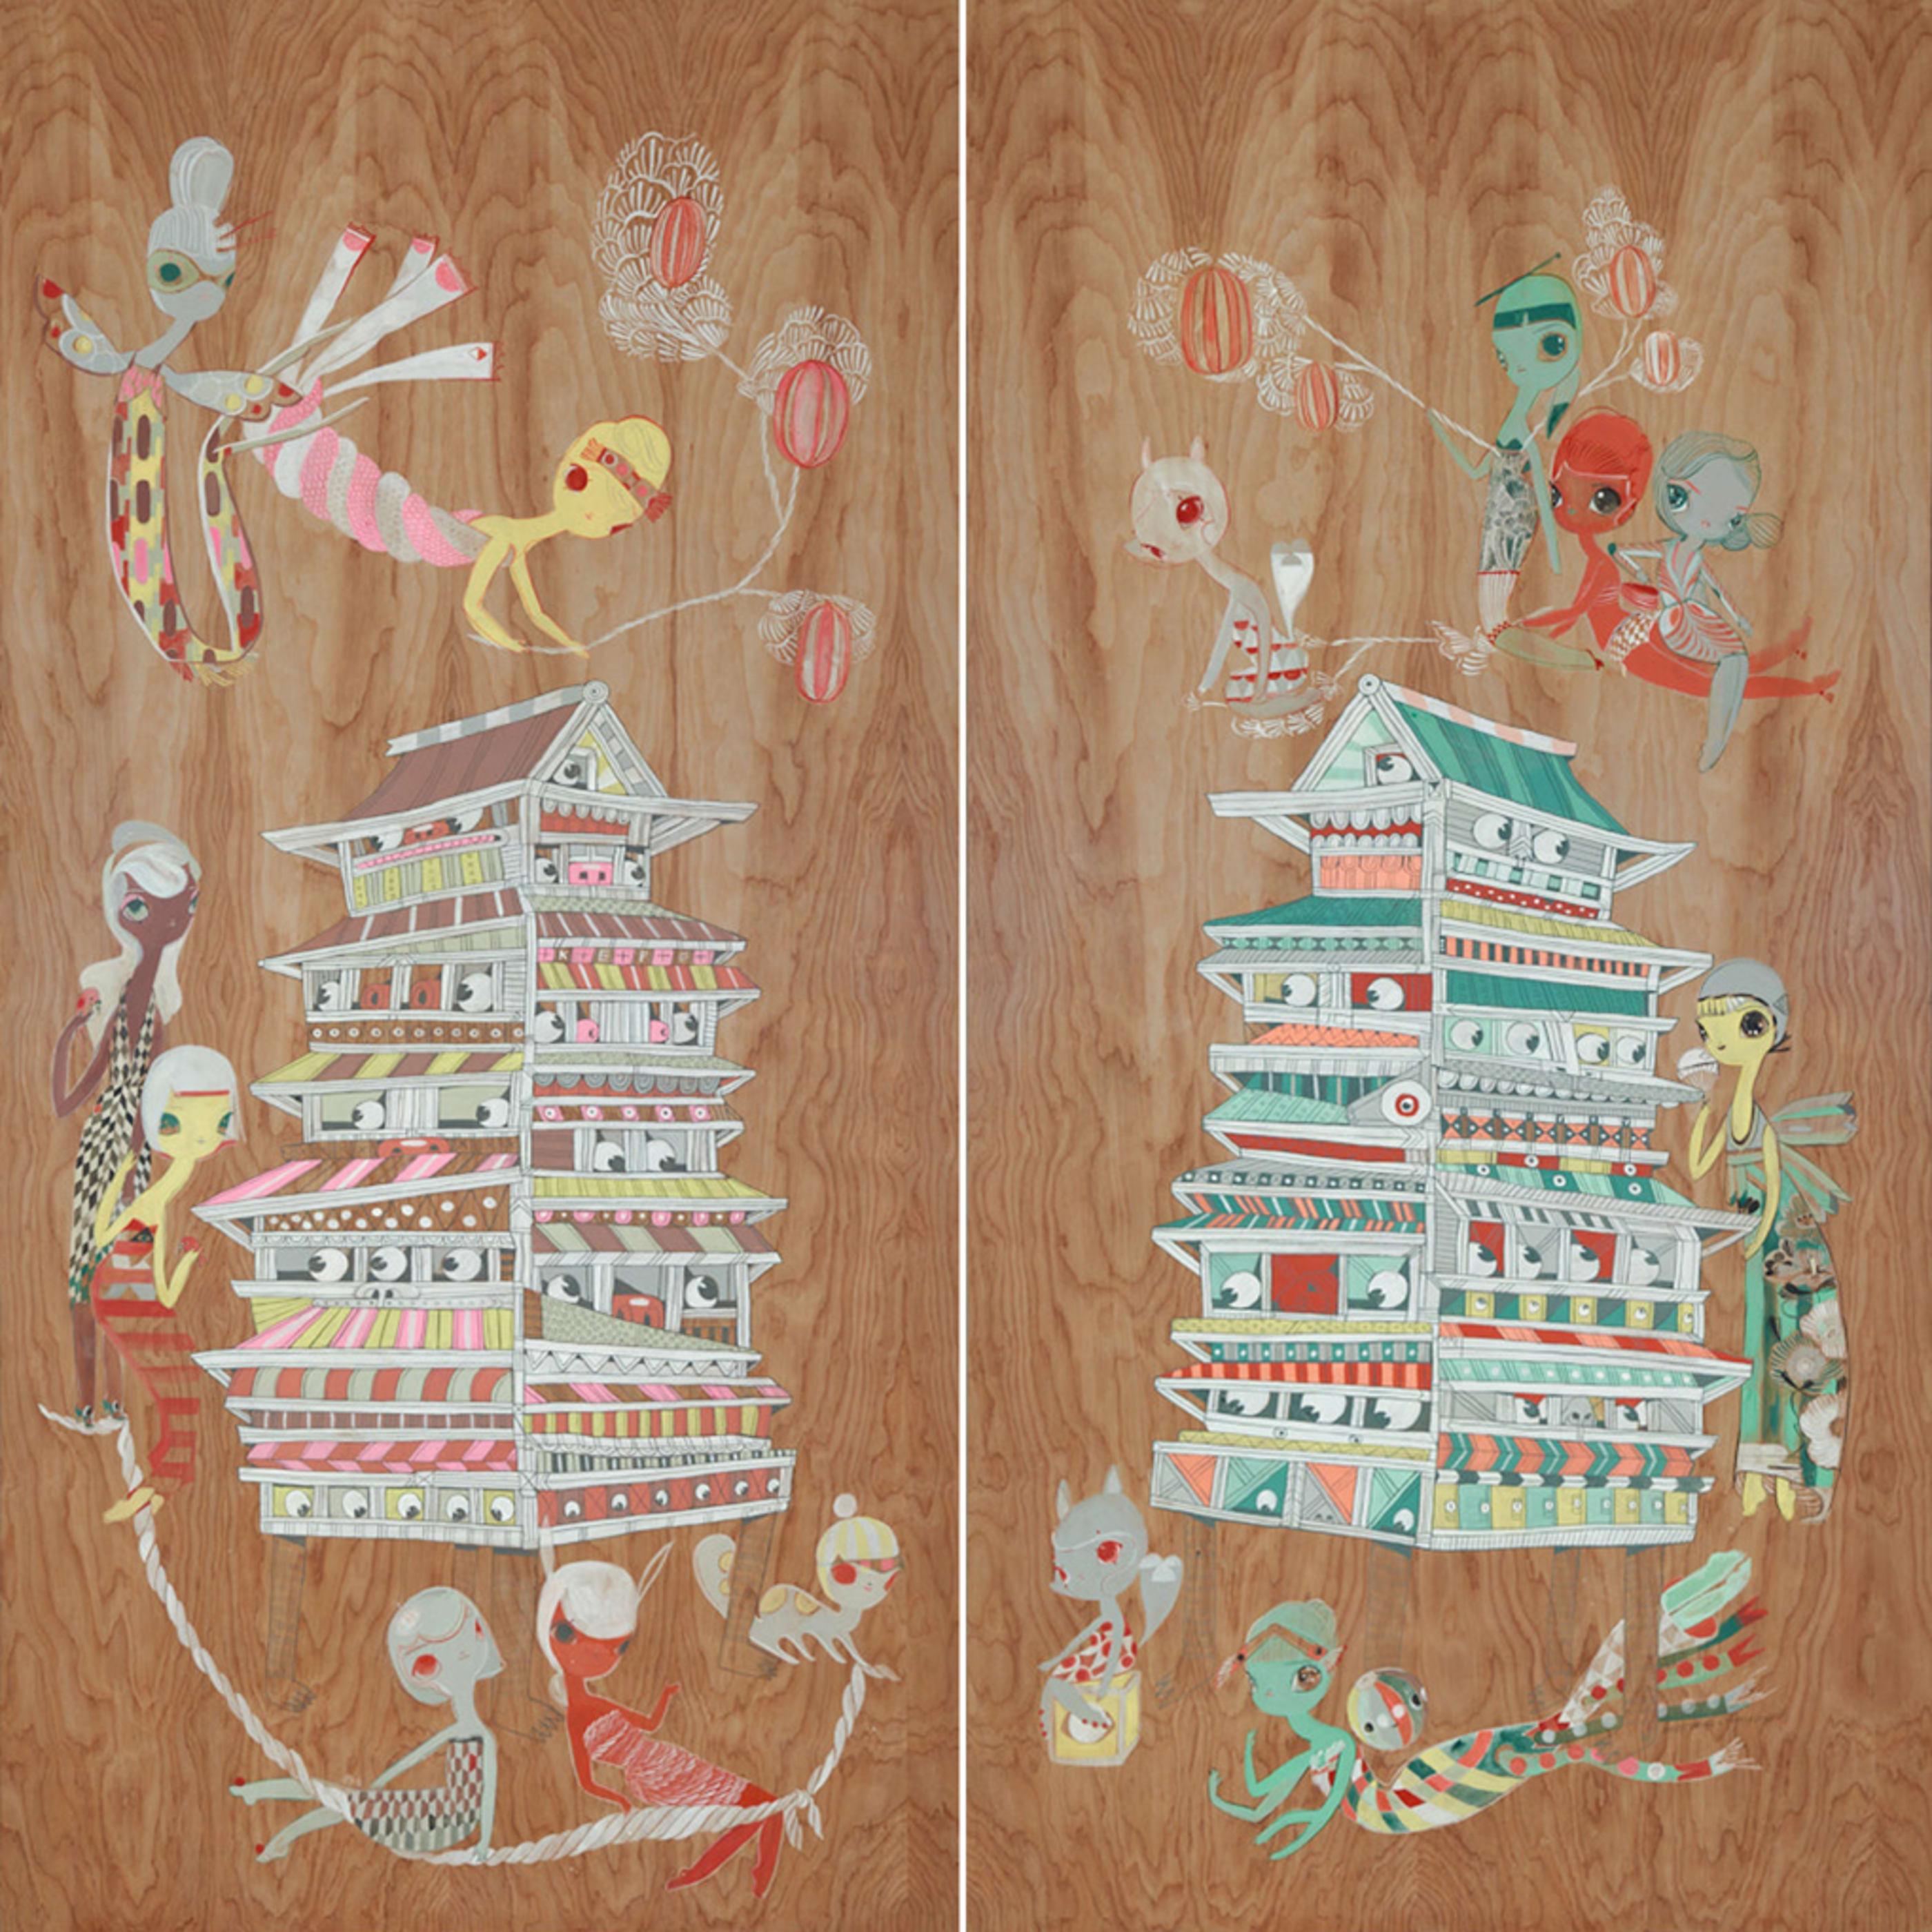 Kelly Tunstall & Ferris Plock  Shrine Bathing, 2018  acrylic on panel  72 x 36 in. 182.88 x 91.44 cm